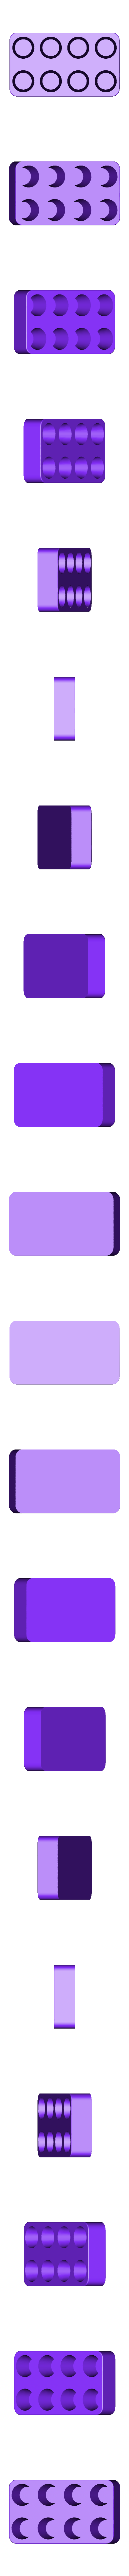 E023.stl Télécharger fichier STL Perceuse à main Impression 3D • Design pour impression 3D, MPPSWKA7